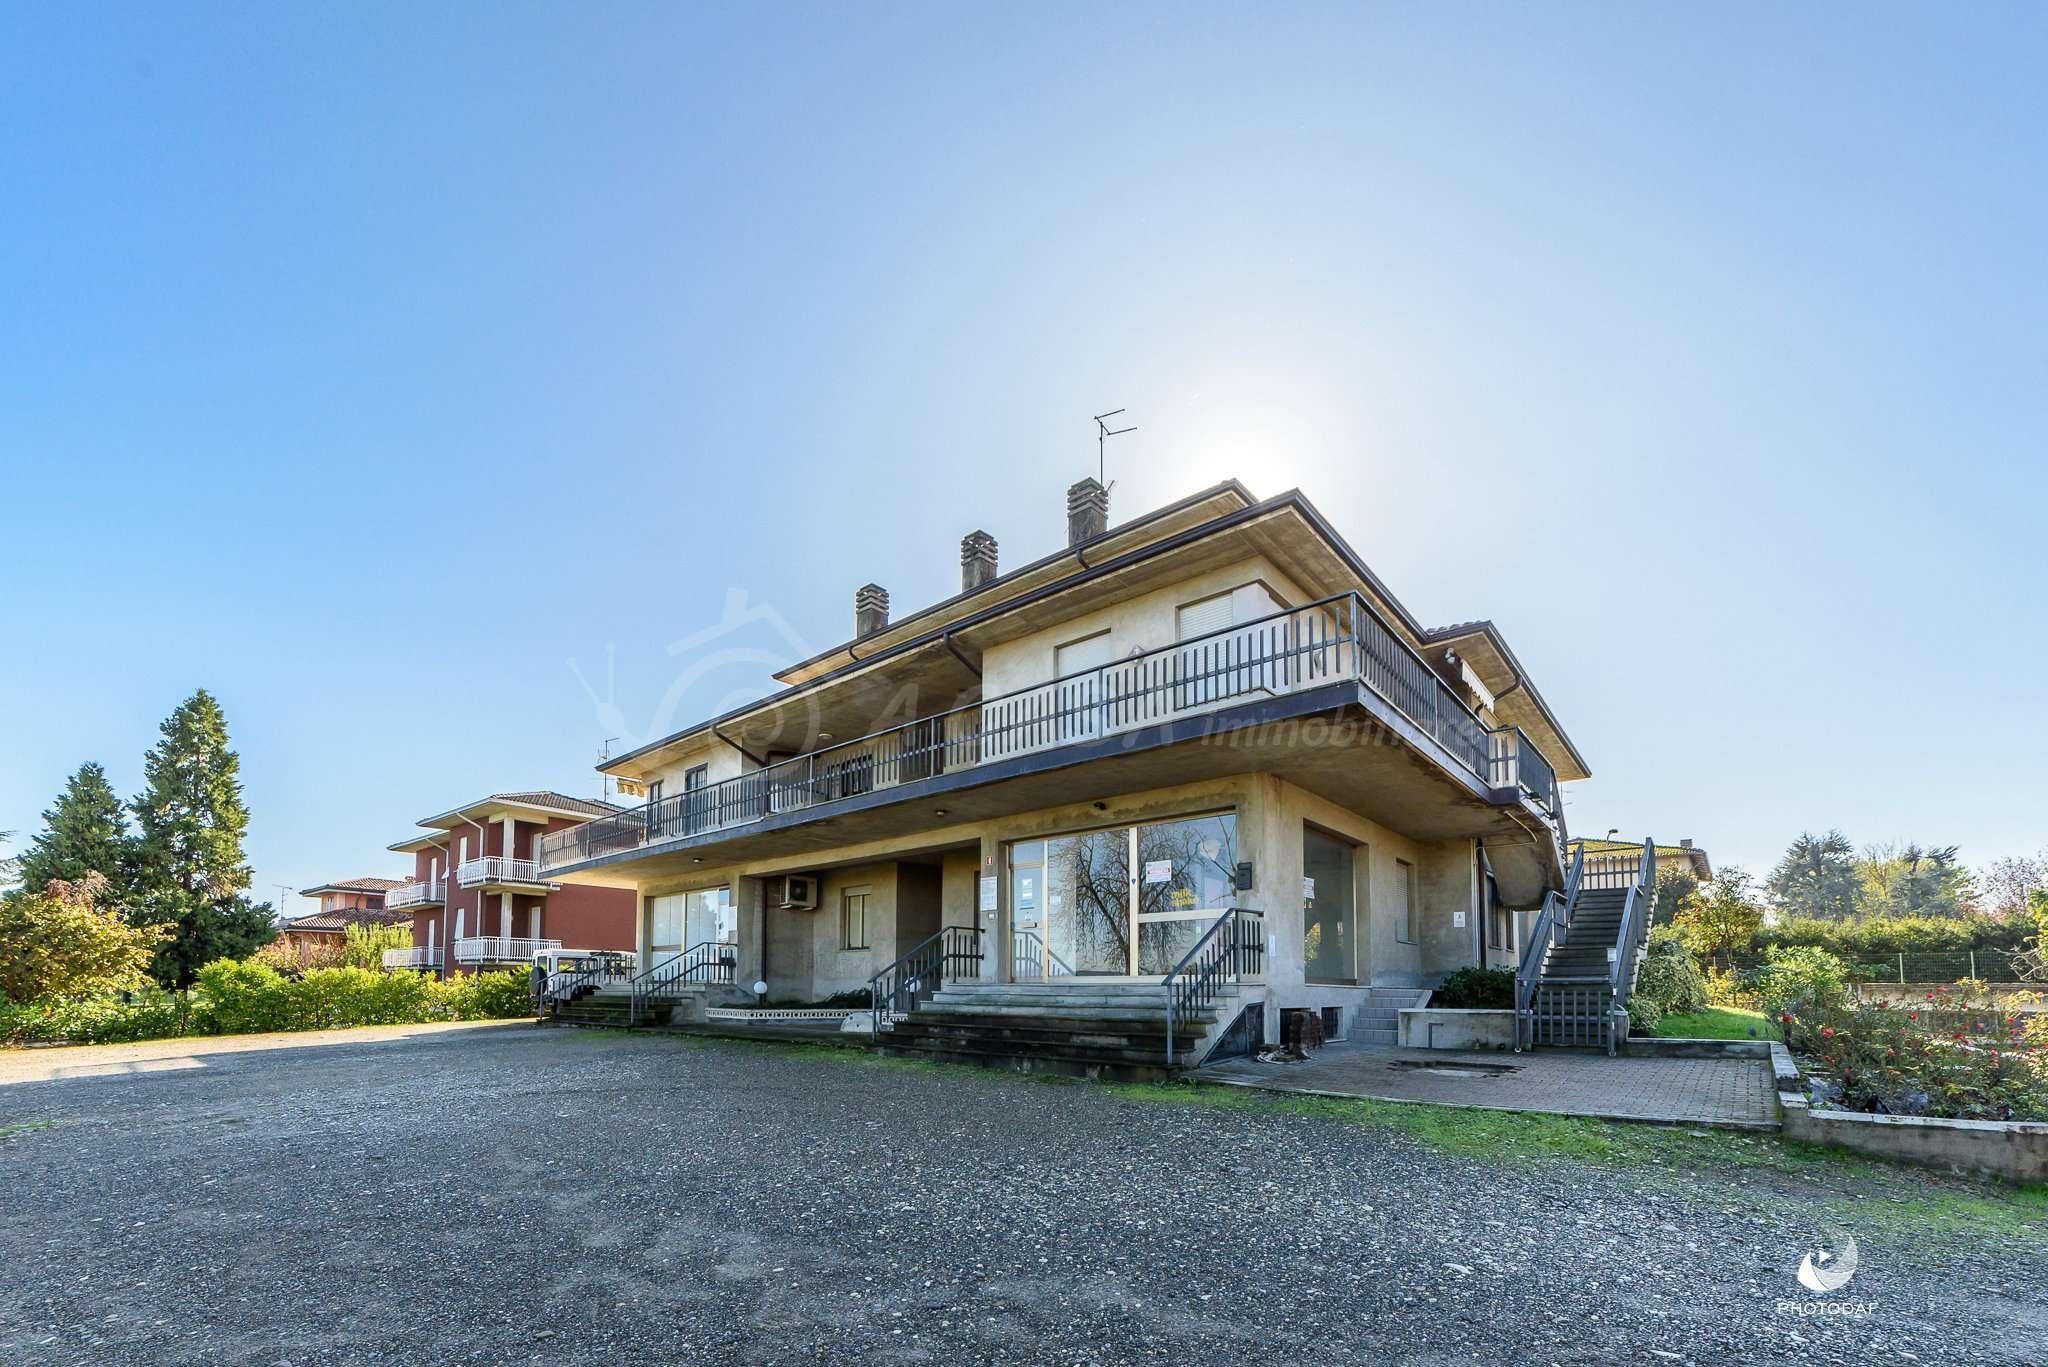 Appartamento in vendita a Felino, 3 locali, prezzo € 99.000 | CambioCasa.it